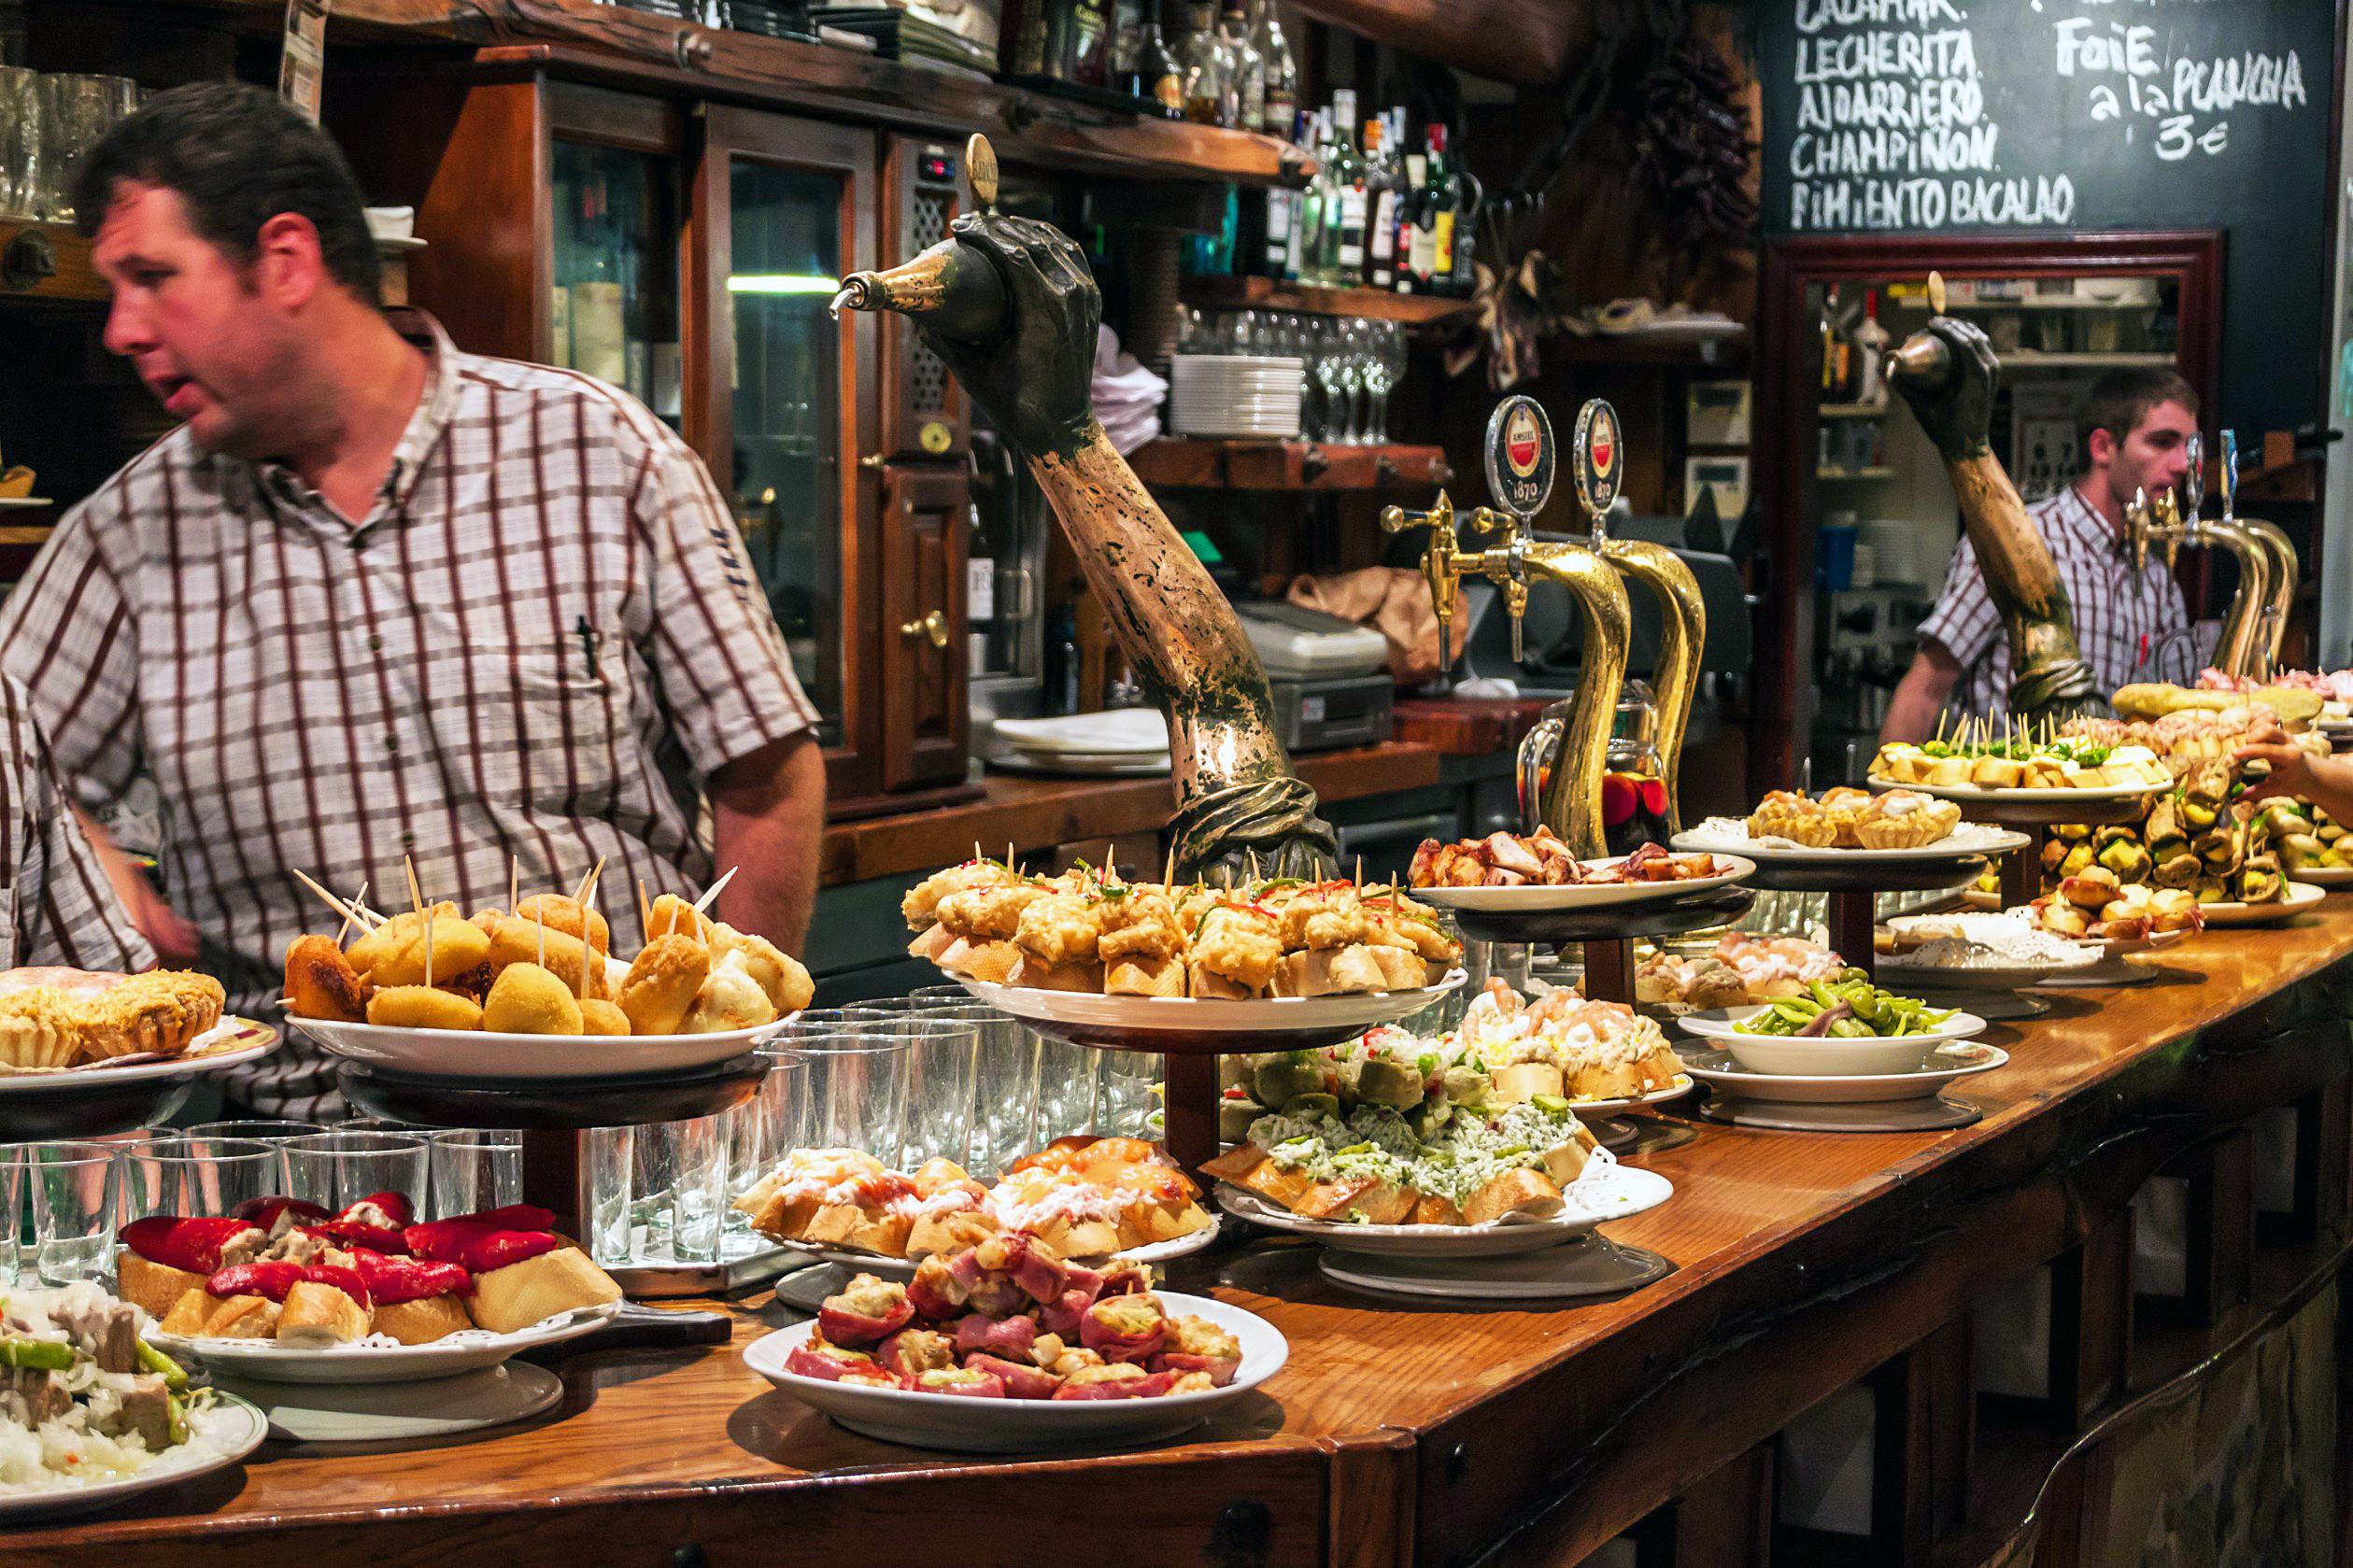 Os melhores destinos gastronômicos, segundo Anthony Bourdain